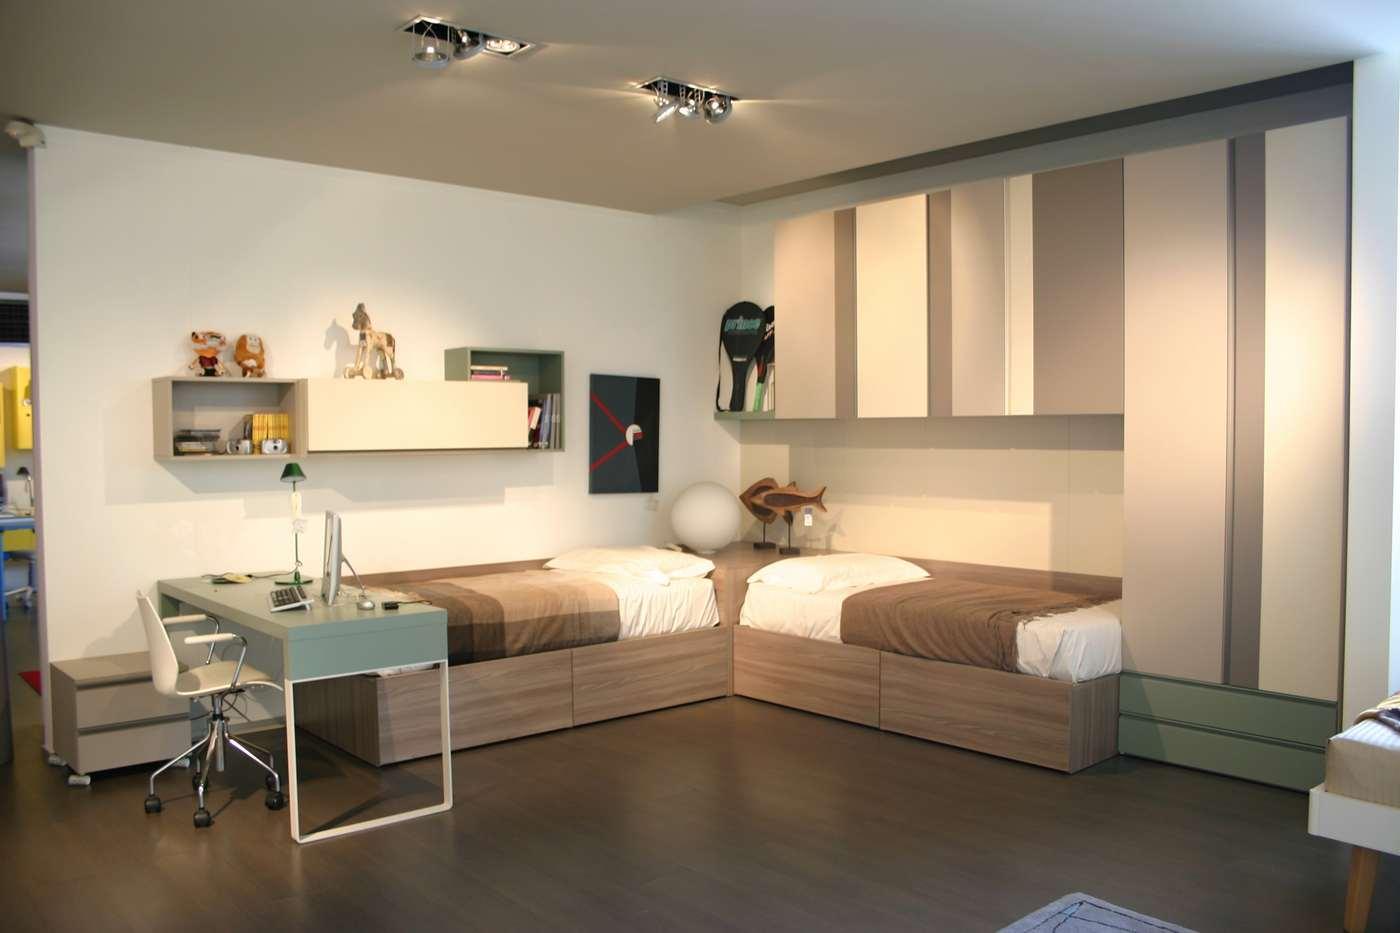 cameretta Clever con armadio a ponte, scrivania, letti, mensole, in vendita nel nostro negozio di Zogno, Bergamo, consegne anche a Milano, 1